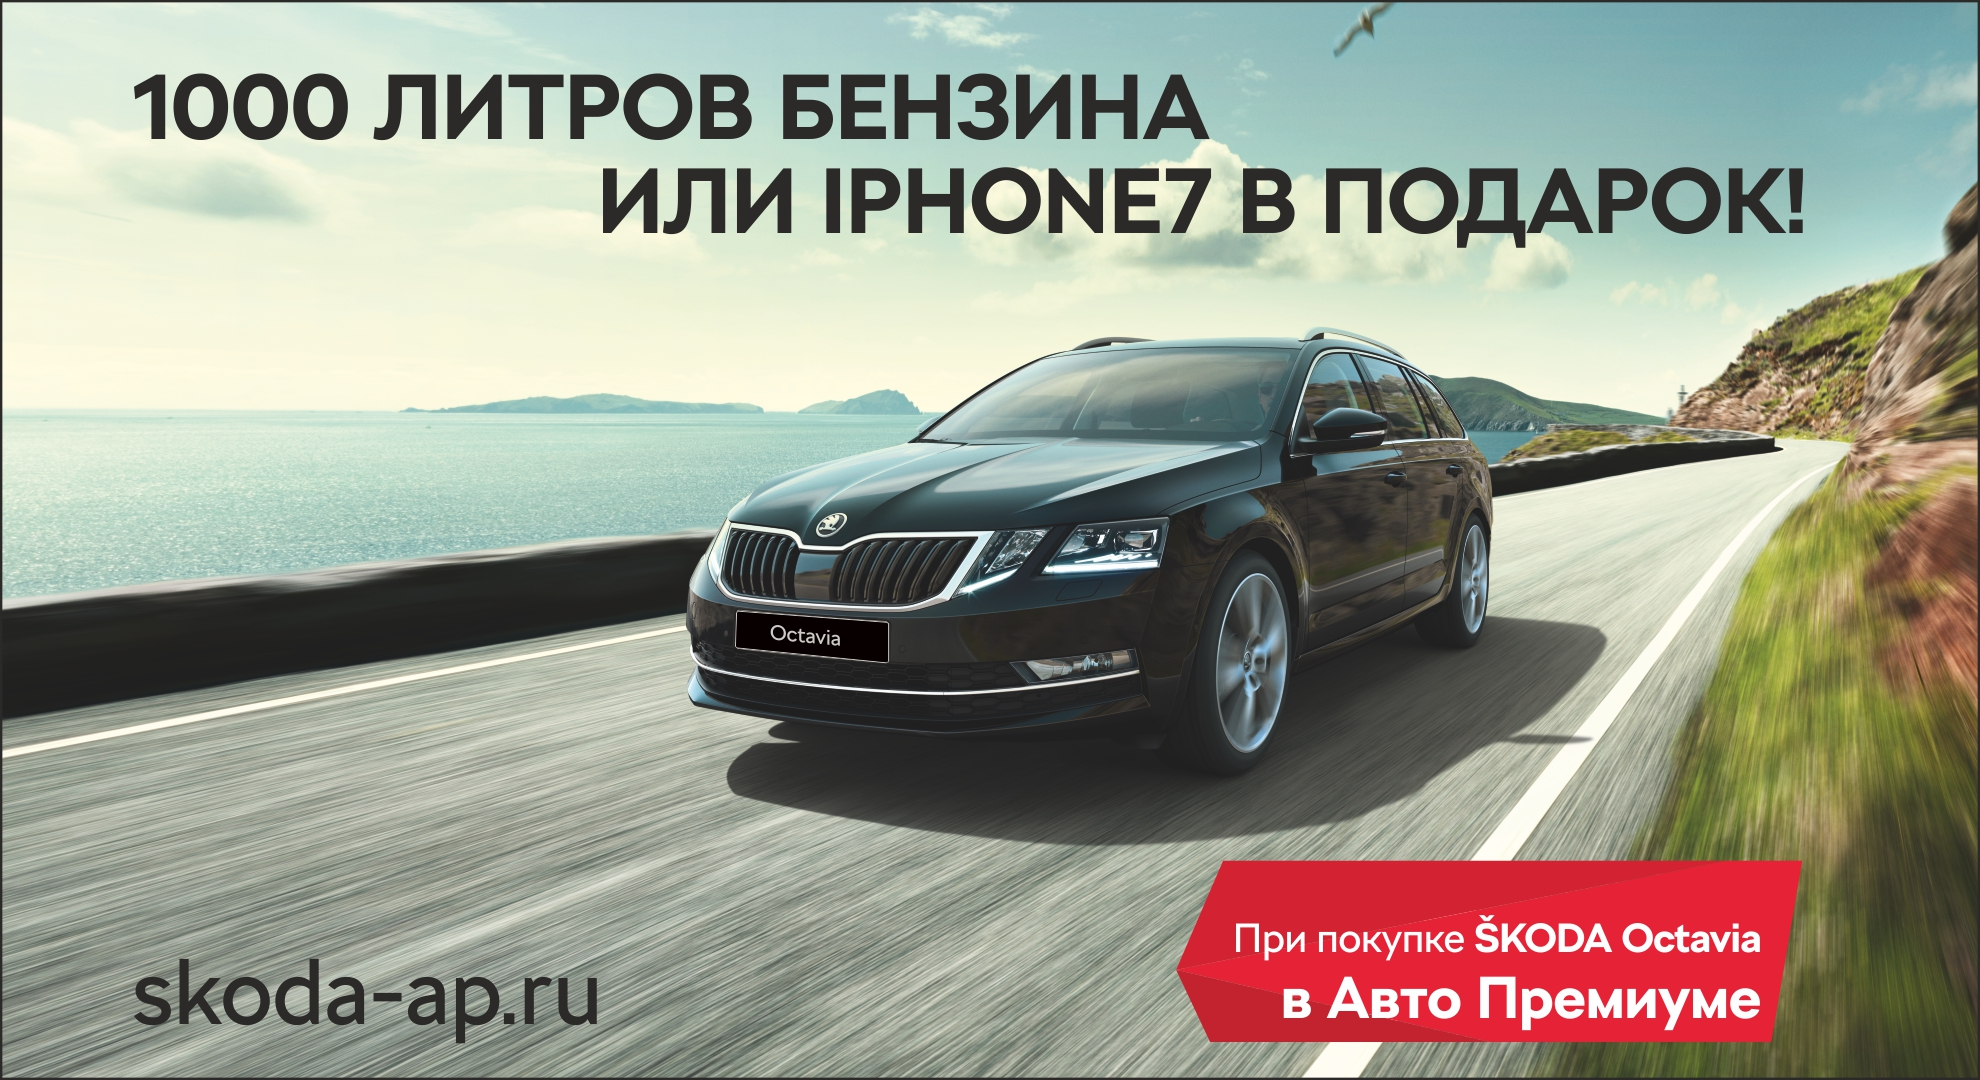 iPhone 7 всем покупателям новой SKODA Octavia